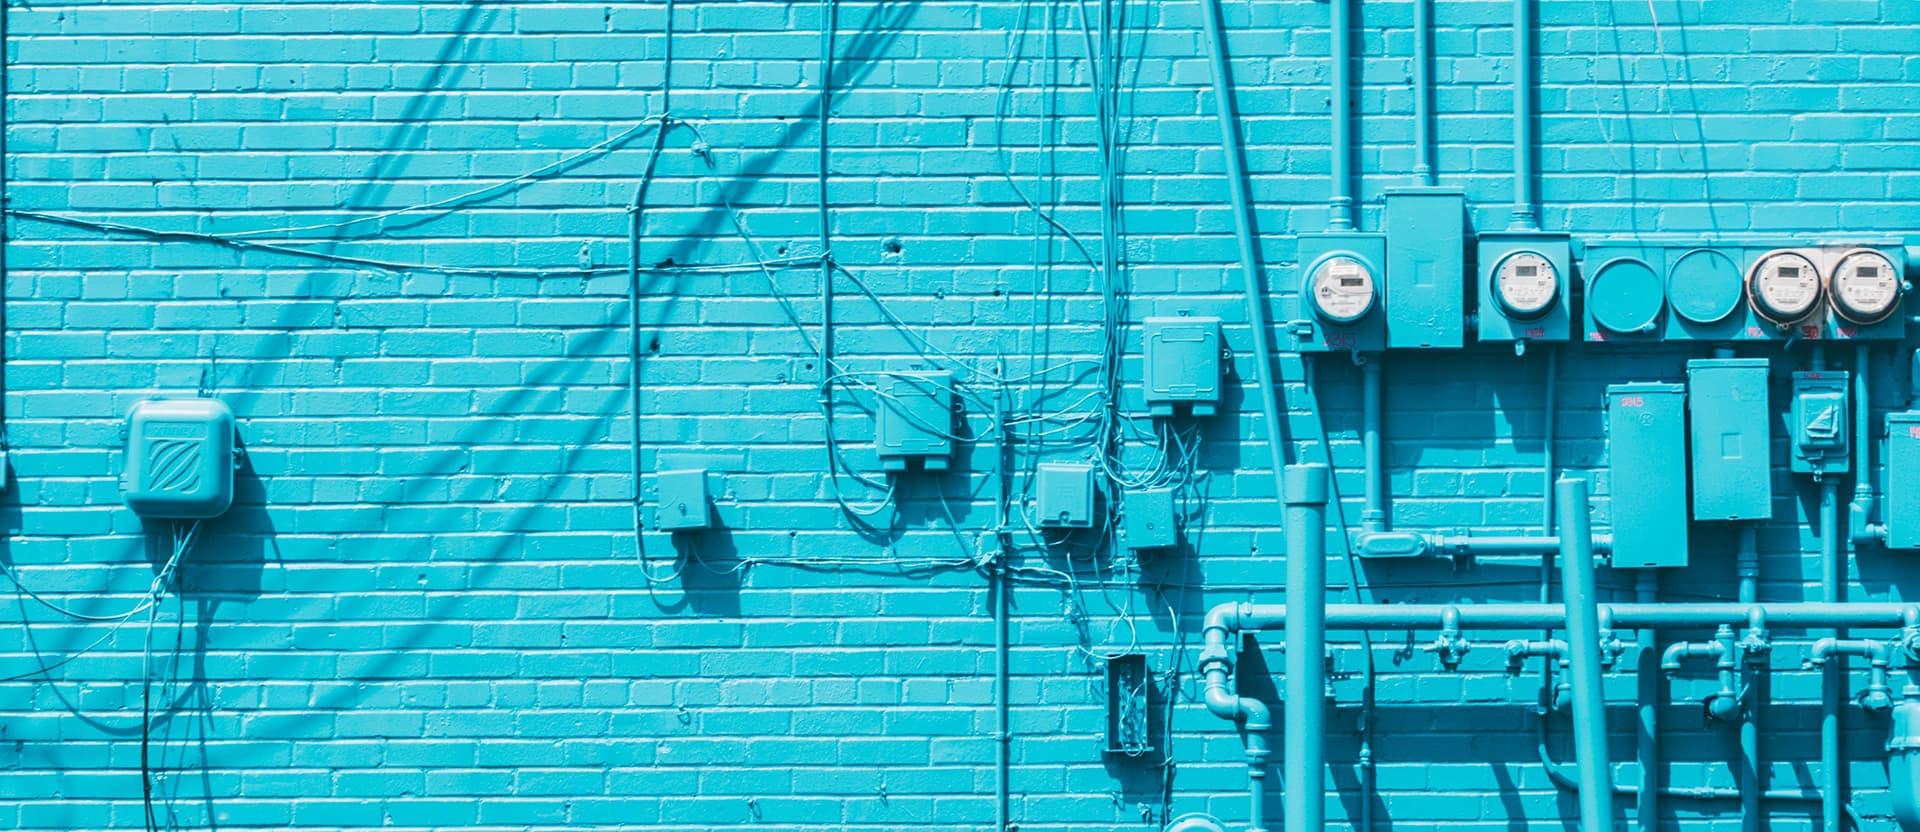 imagem de uma parede azul clara cheia de fios elétricos e disjuntores